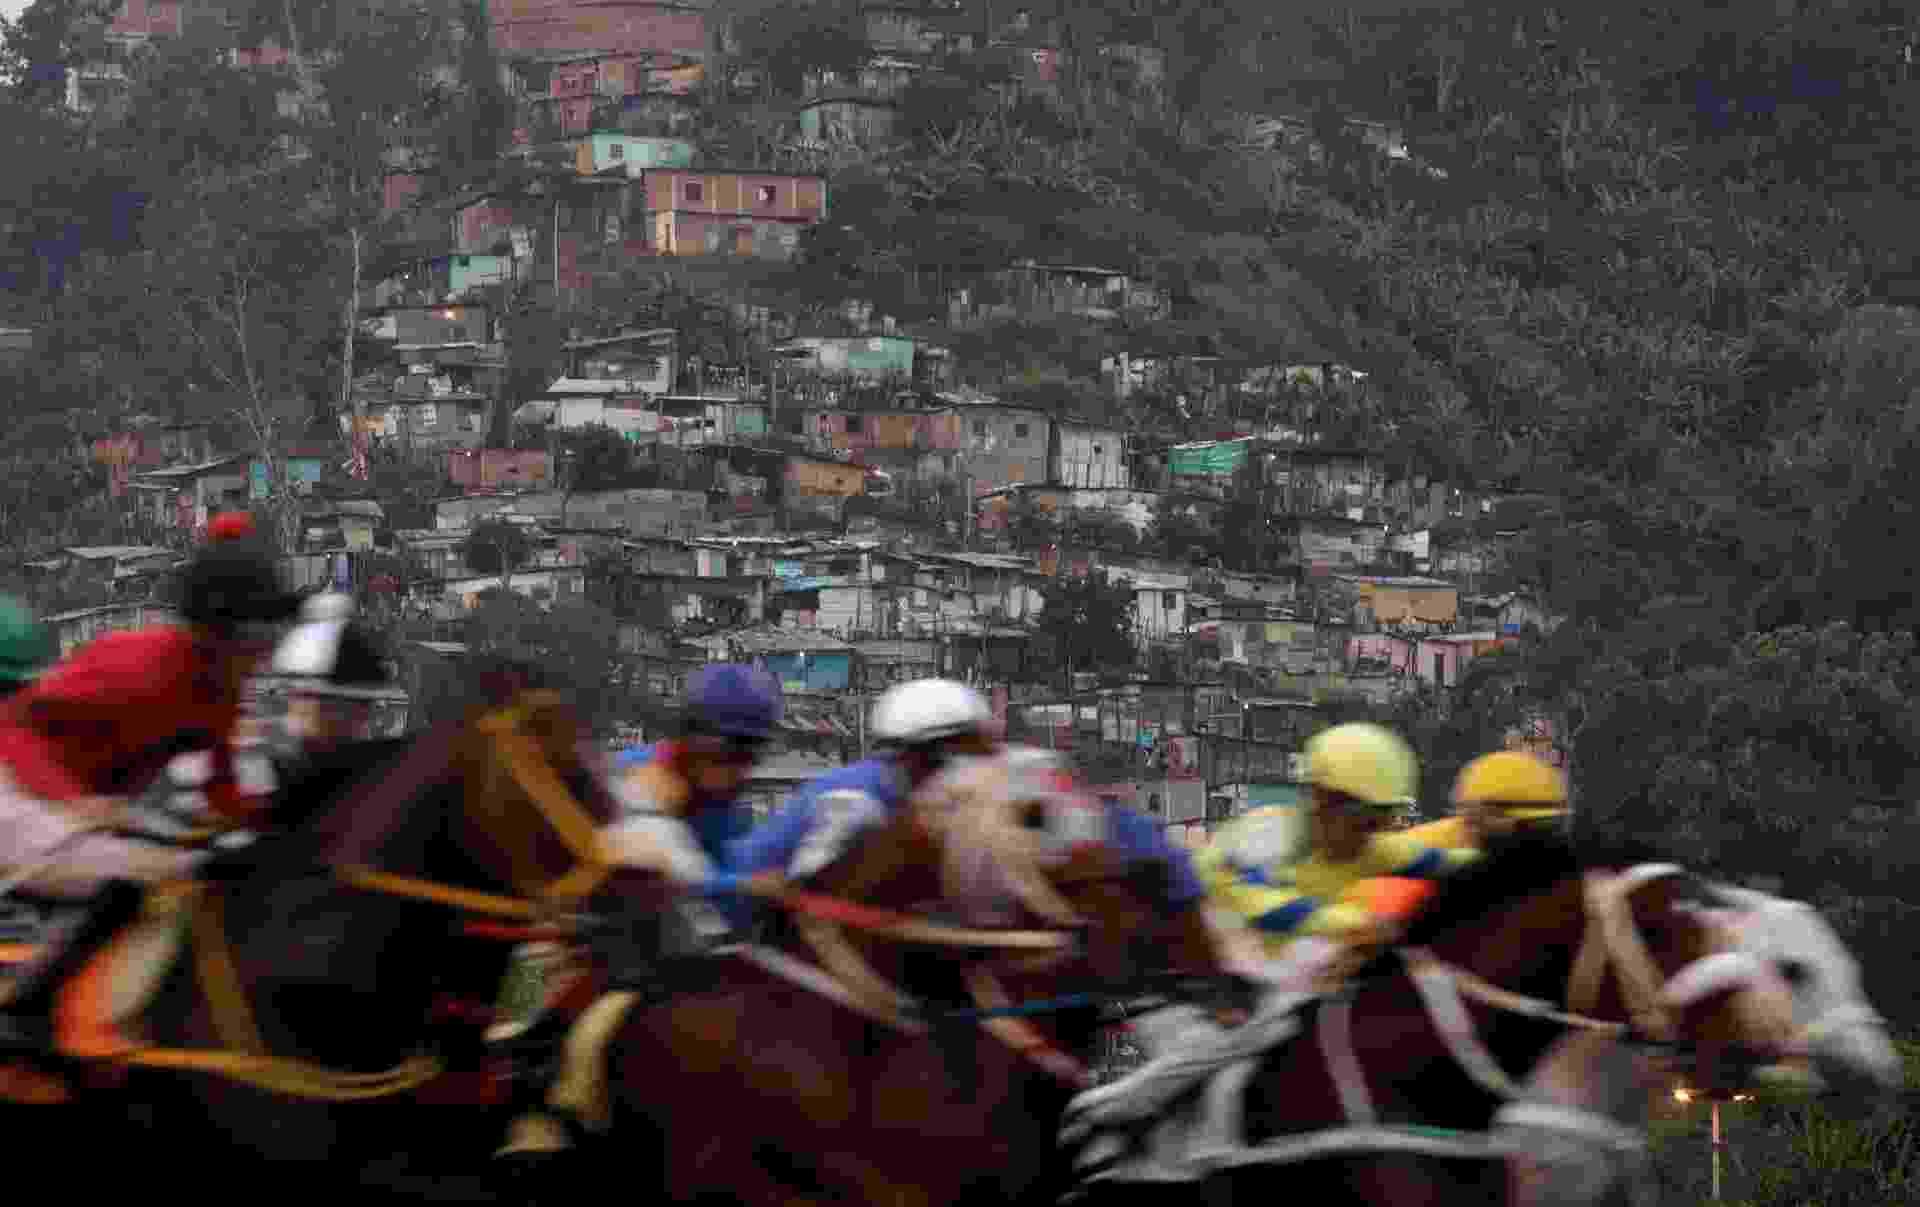 8.ou.2017 - Competidores participam de uma corrida de cavalos, com uma favela em segundo plano no Hipódromo La Rinconada, Caracas, Venezuela - RICARDO MORAES/REUTERS